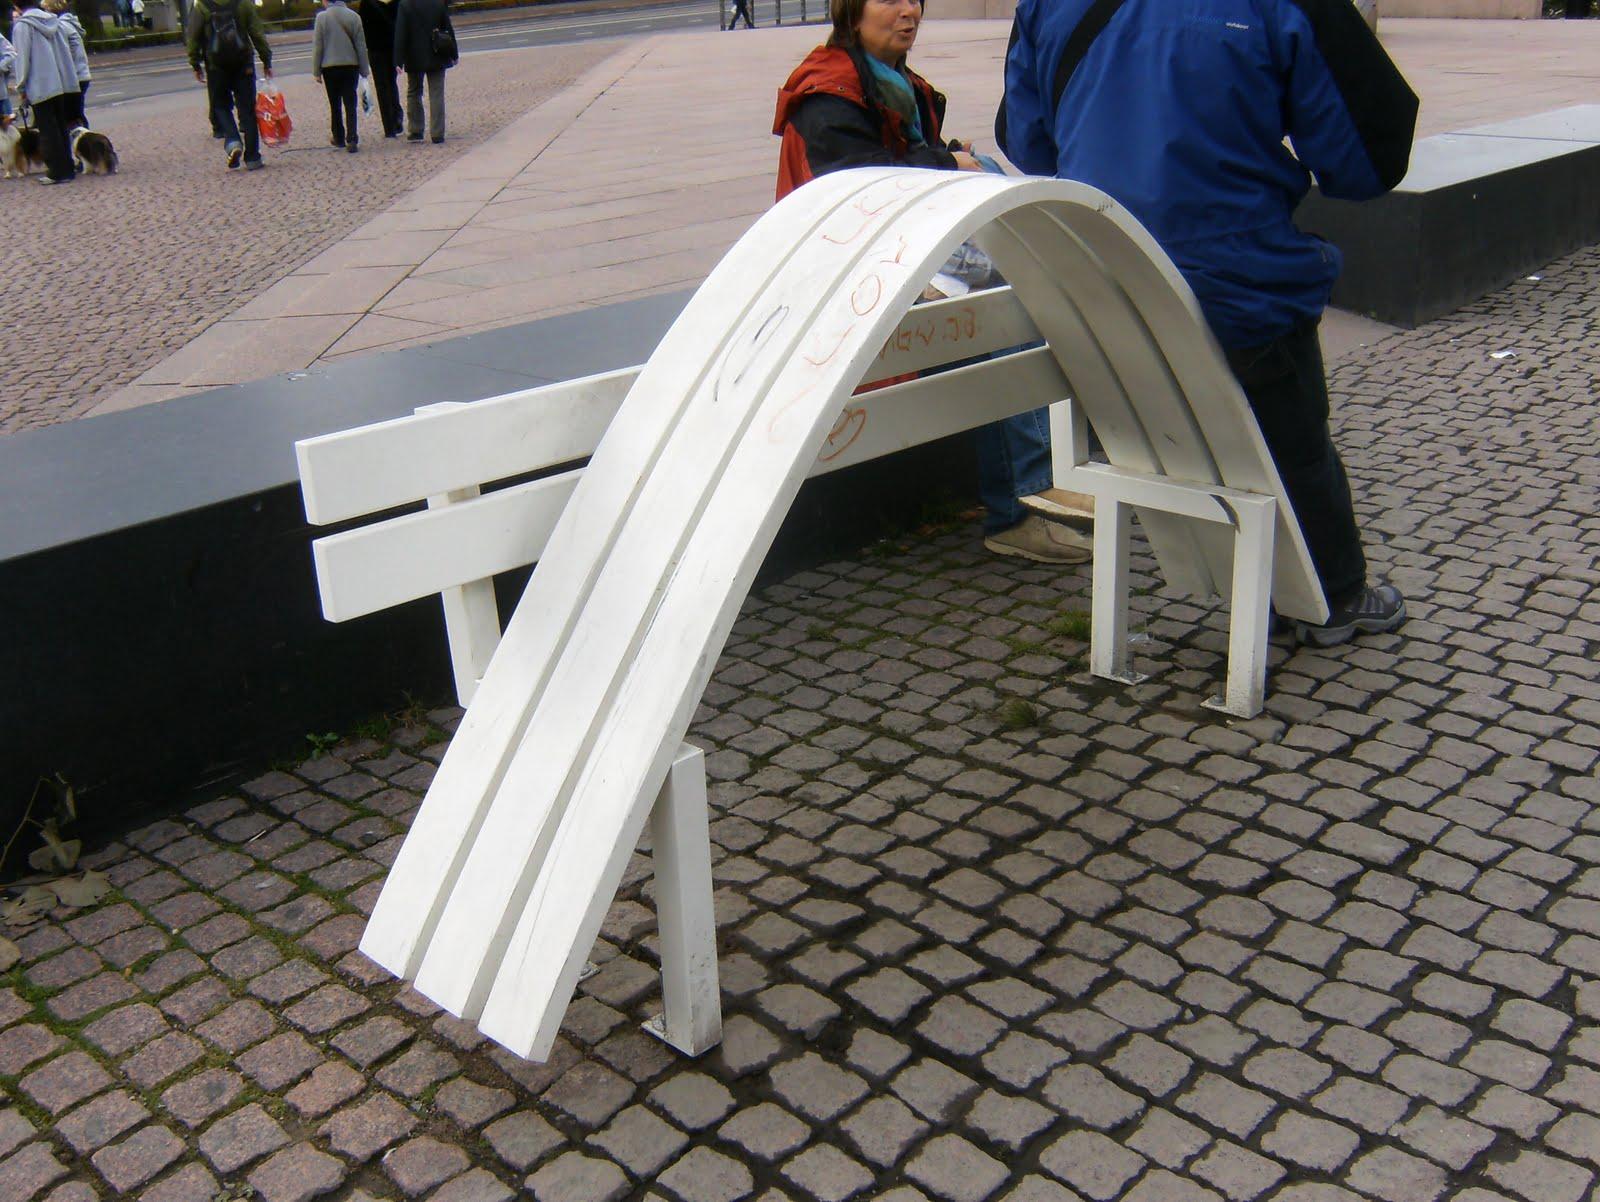 Franke: 1.Tronos e Assentos 2. Cadeiras com Arte (idéias aqui #24396B 1600x1202